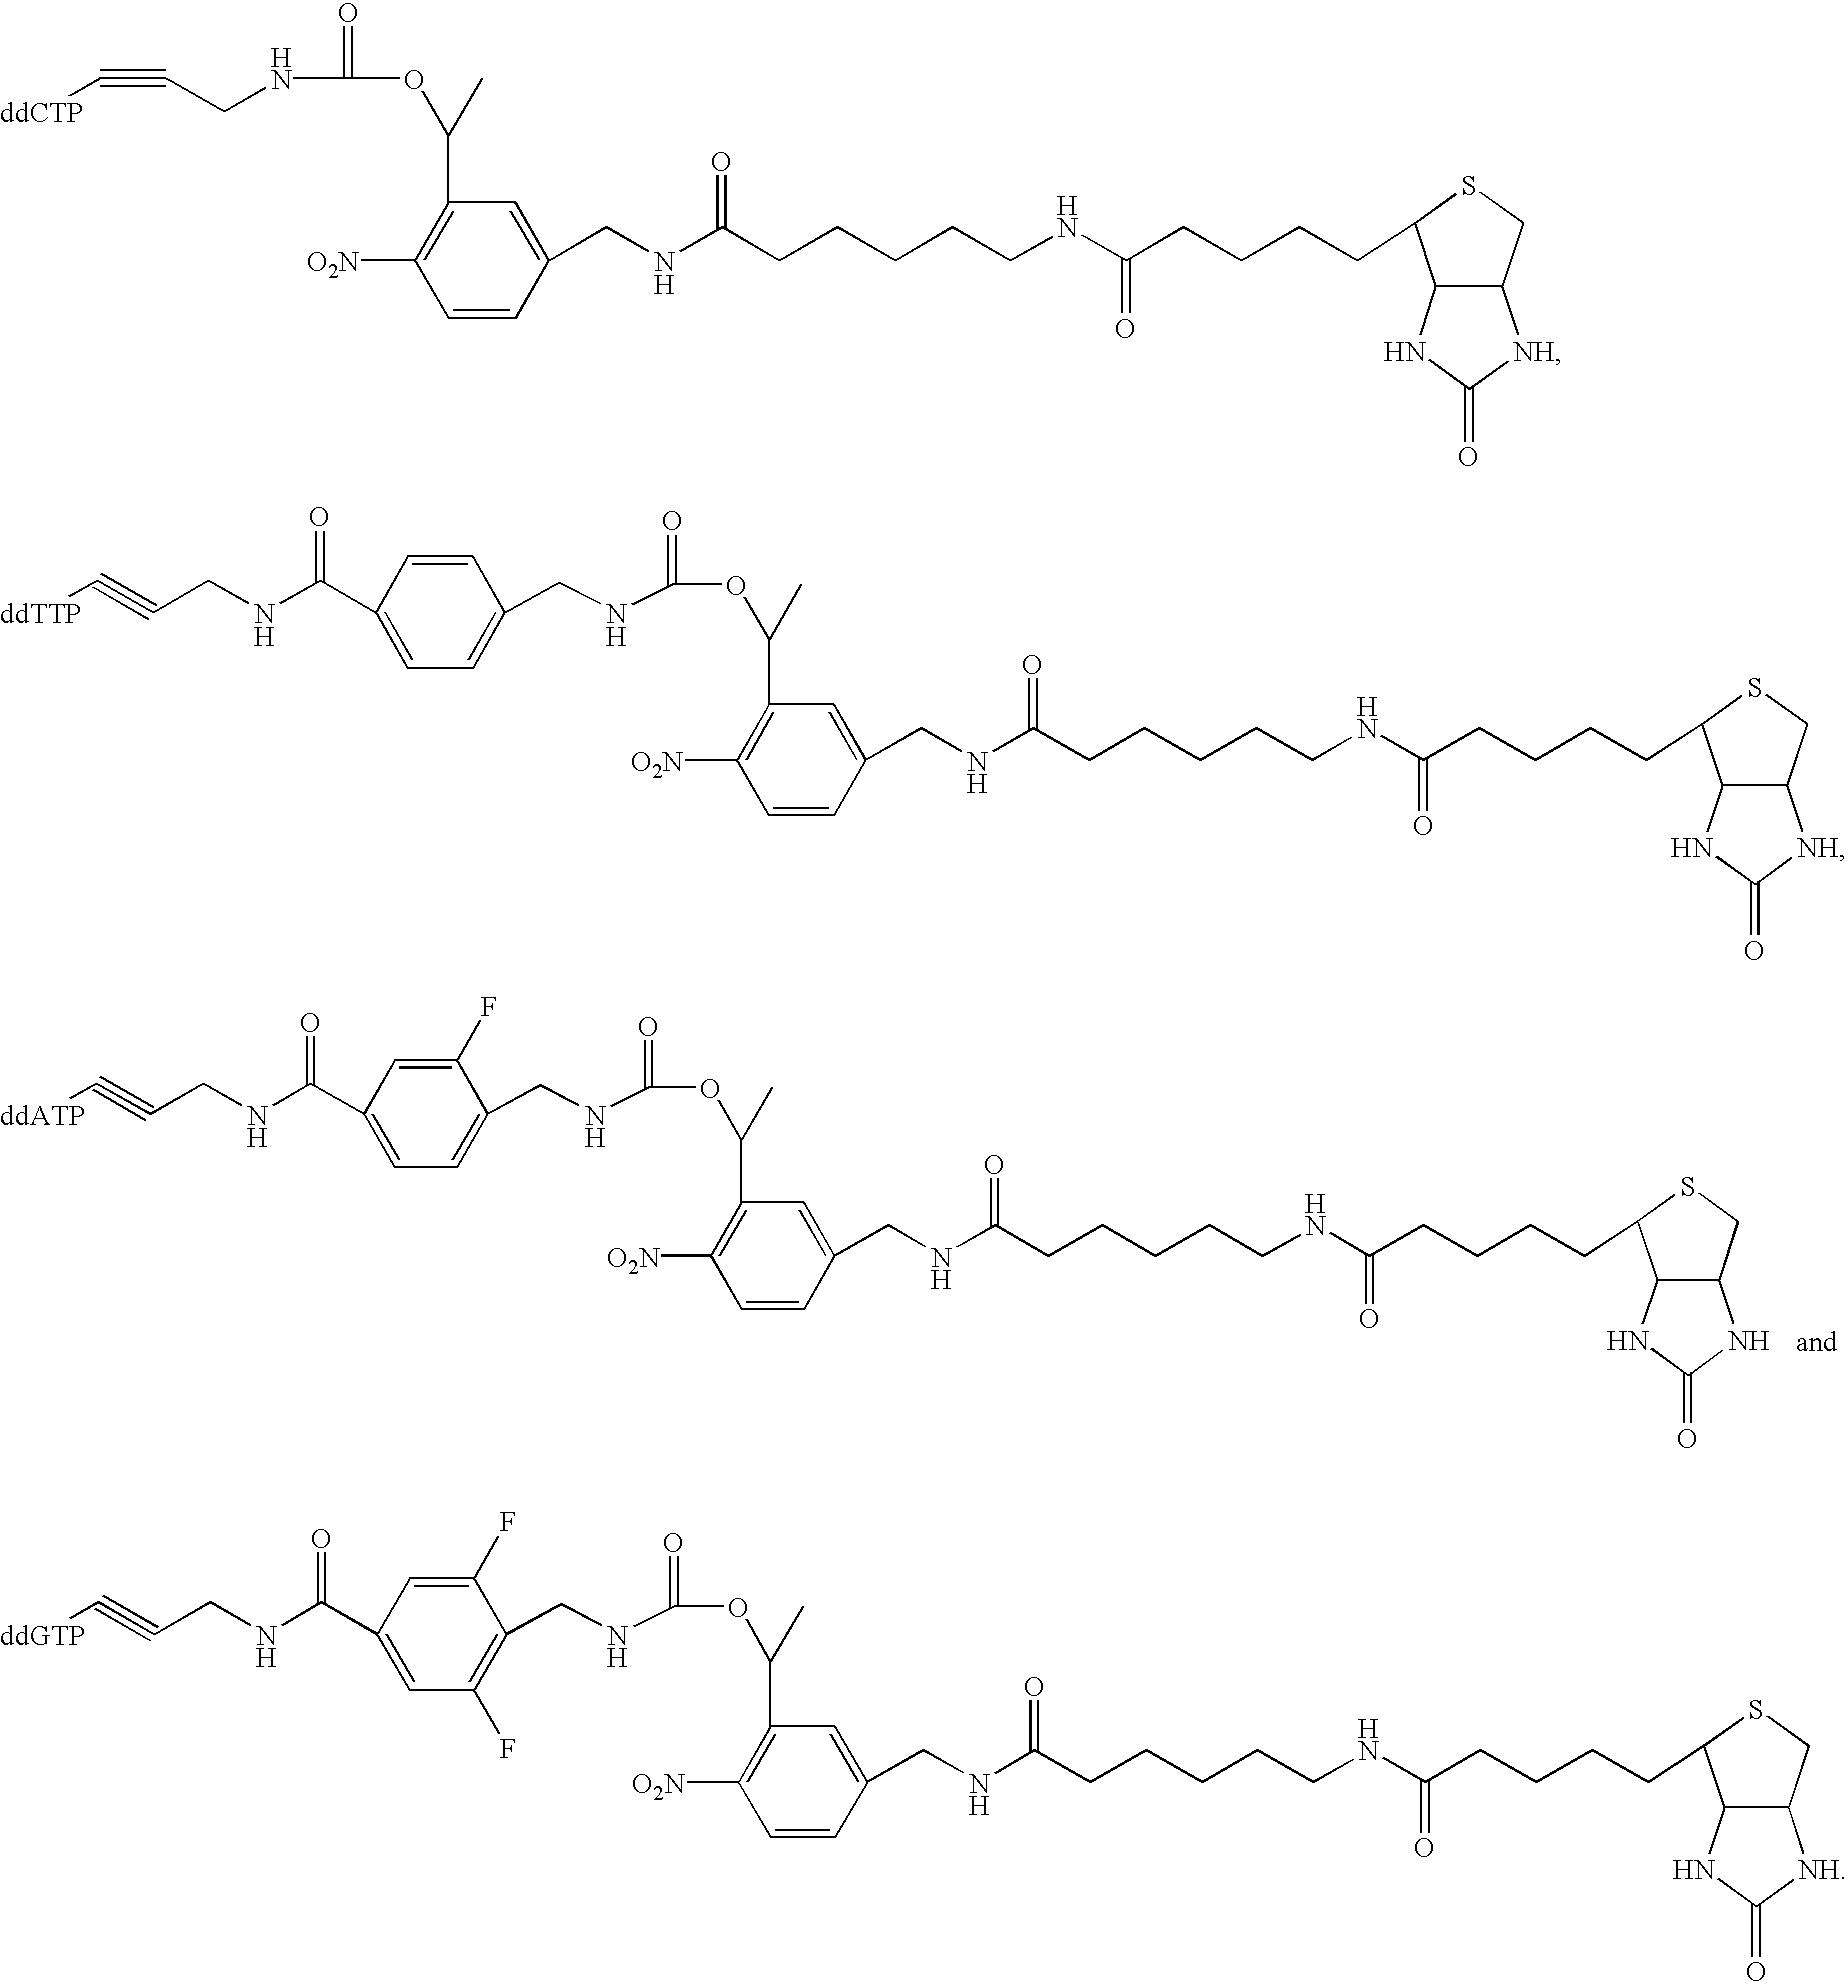 Figure US20030027140A1-20030206-C00016